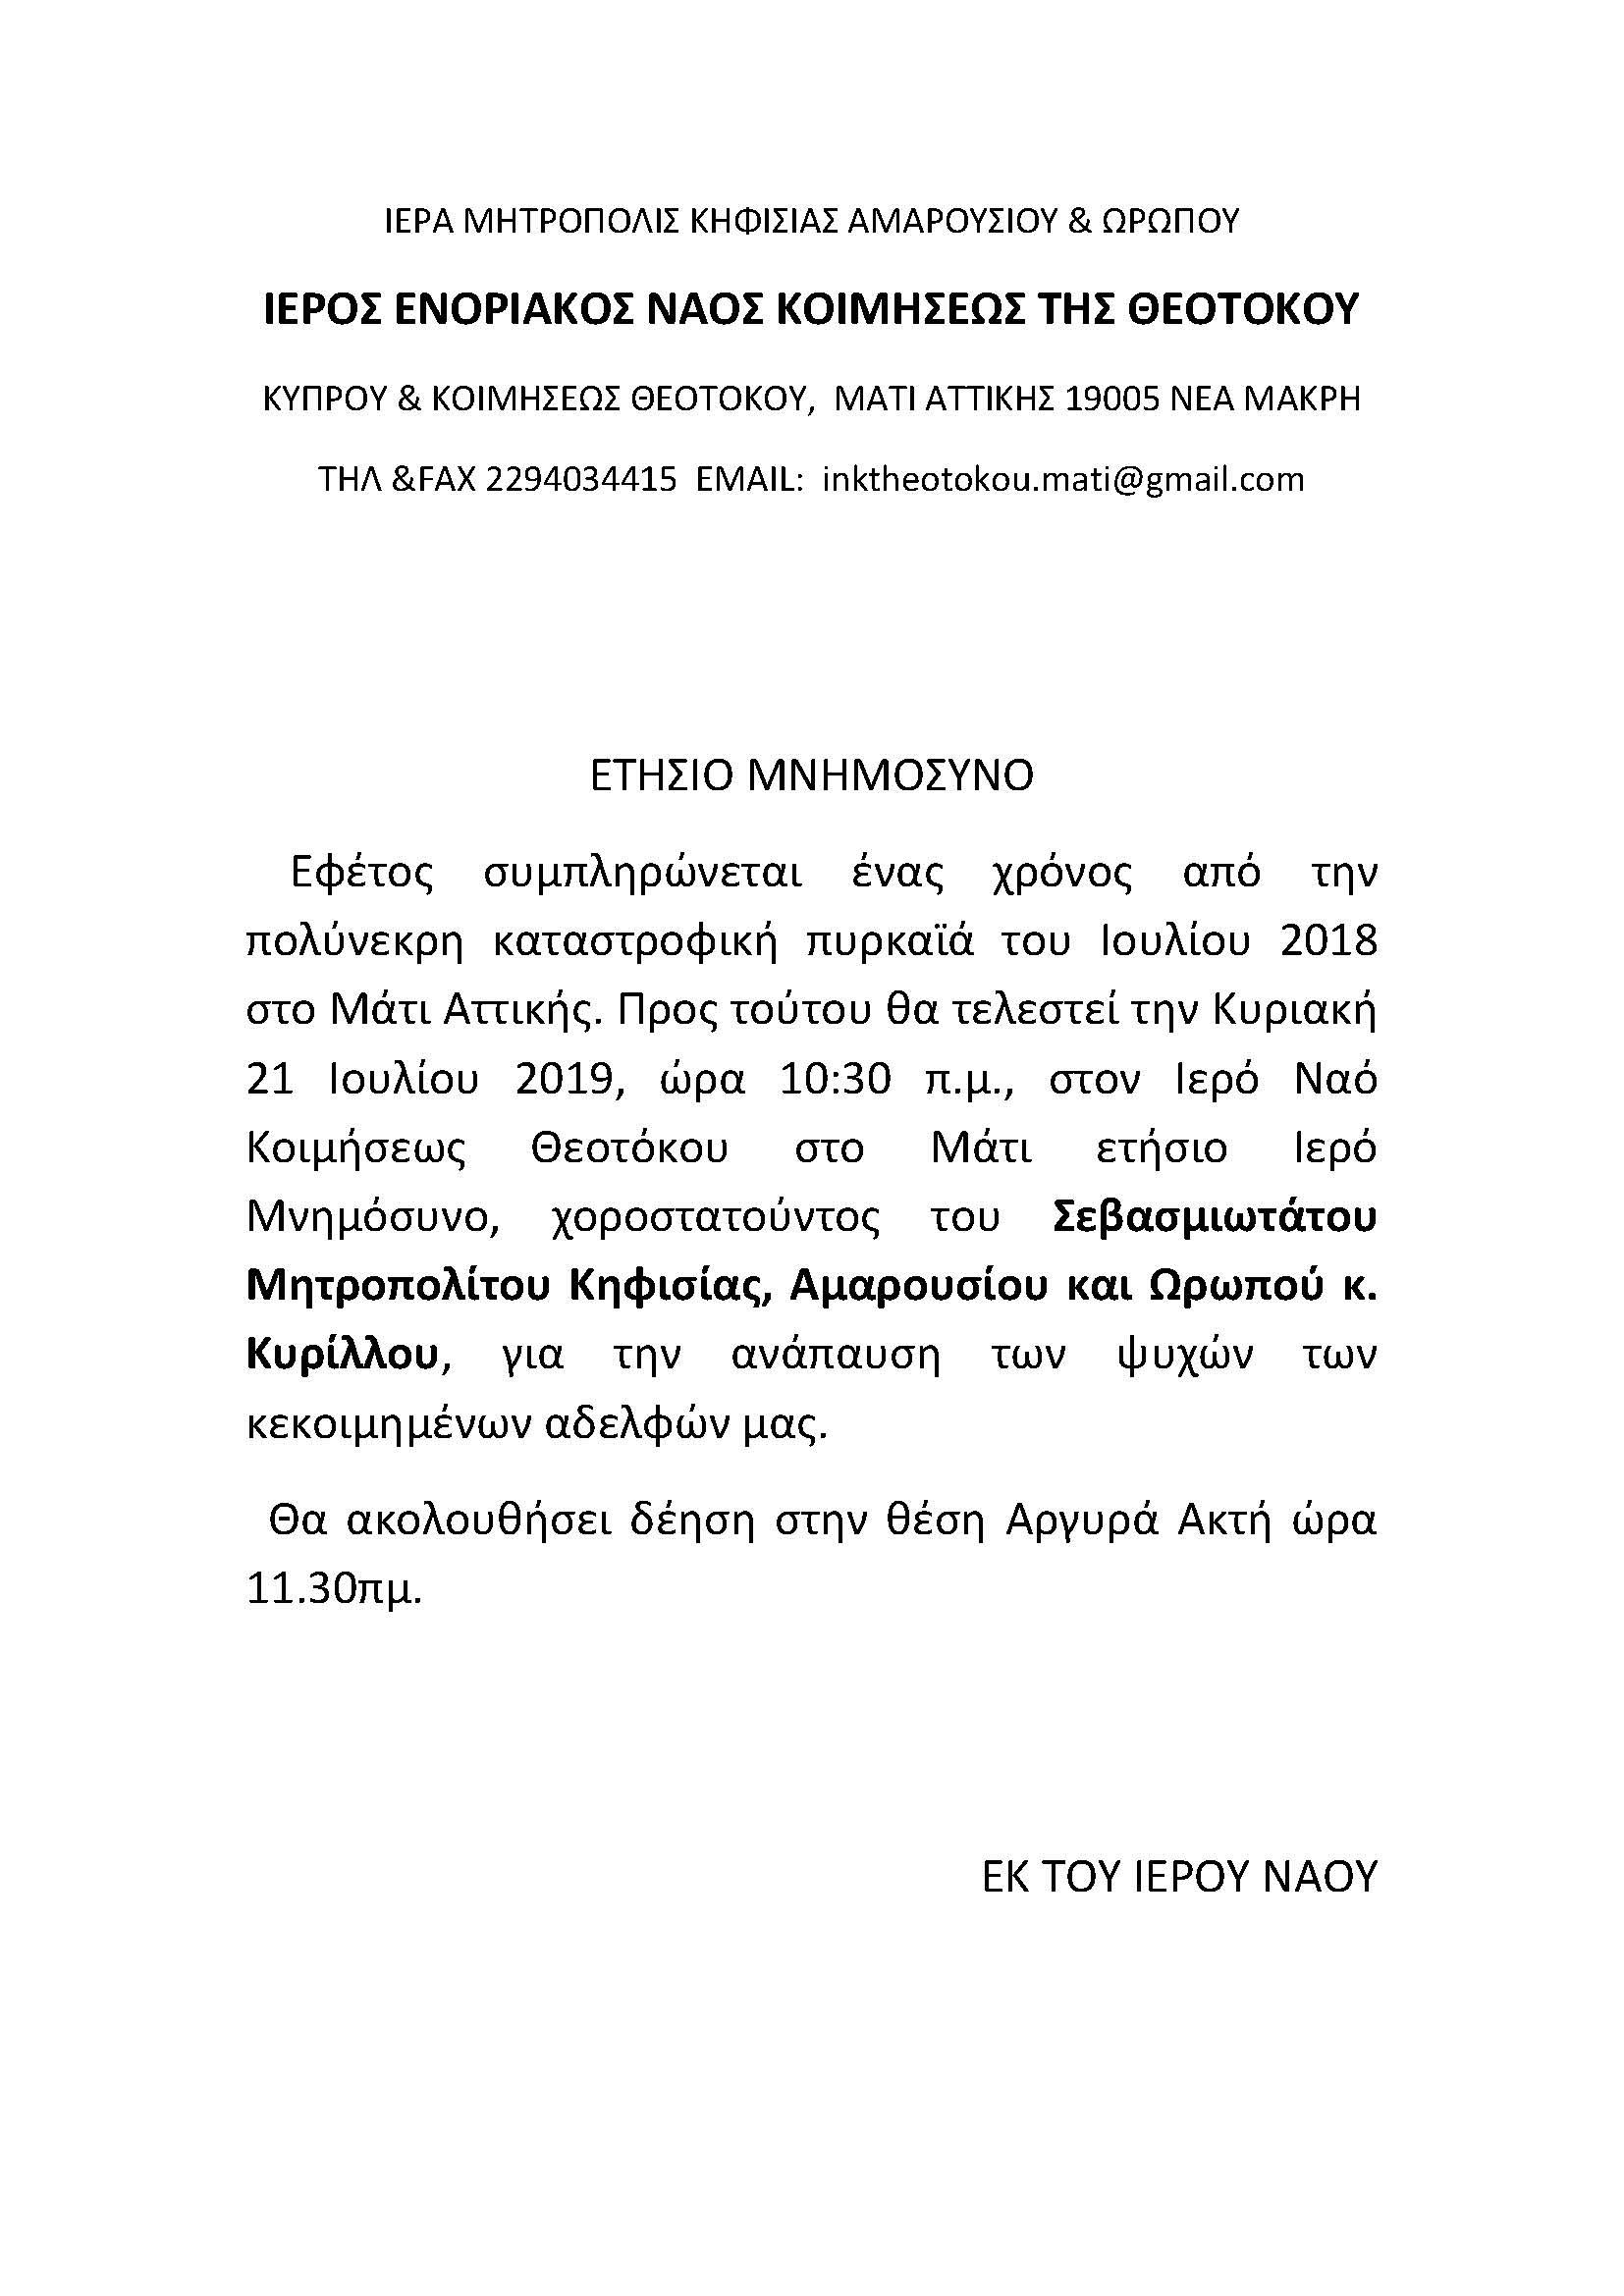 etisio-mnhmosuno-2019